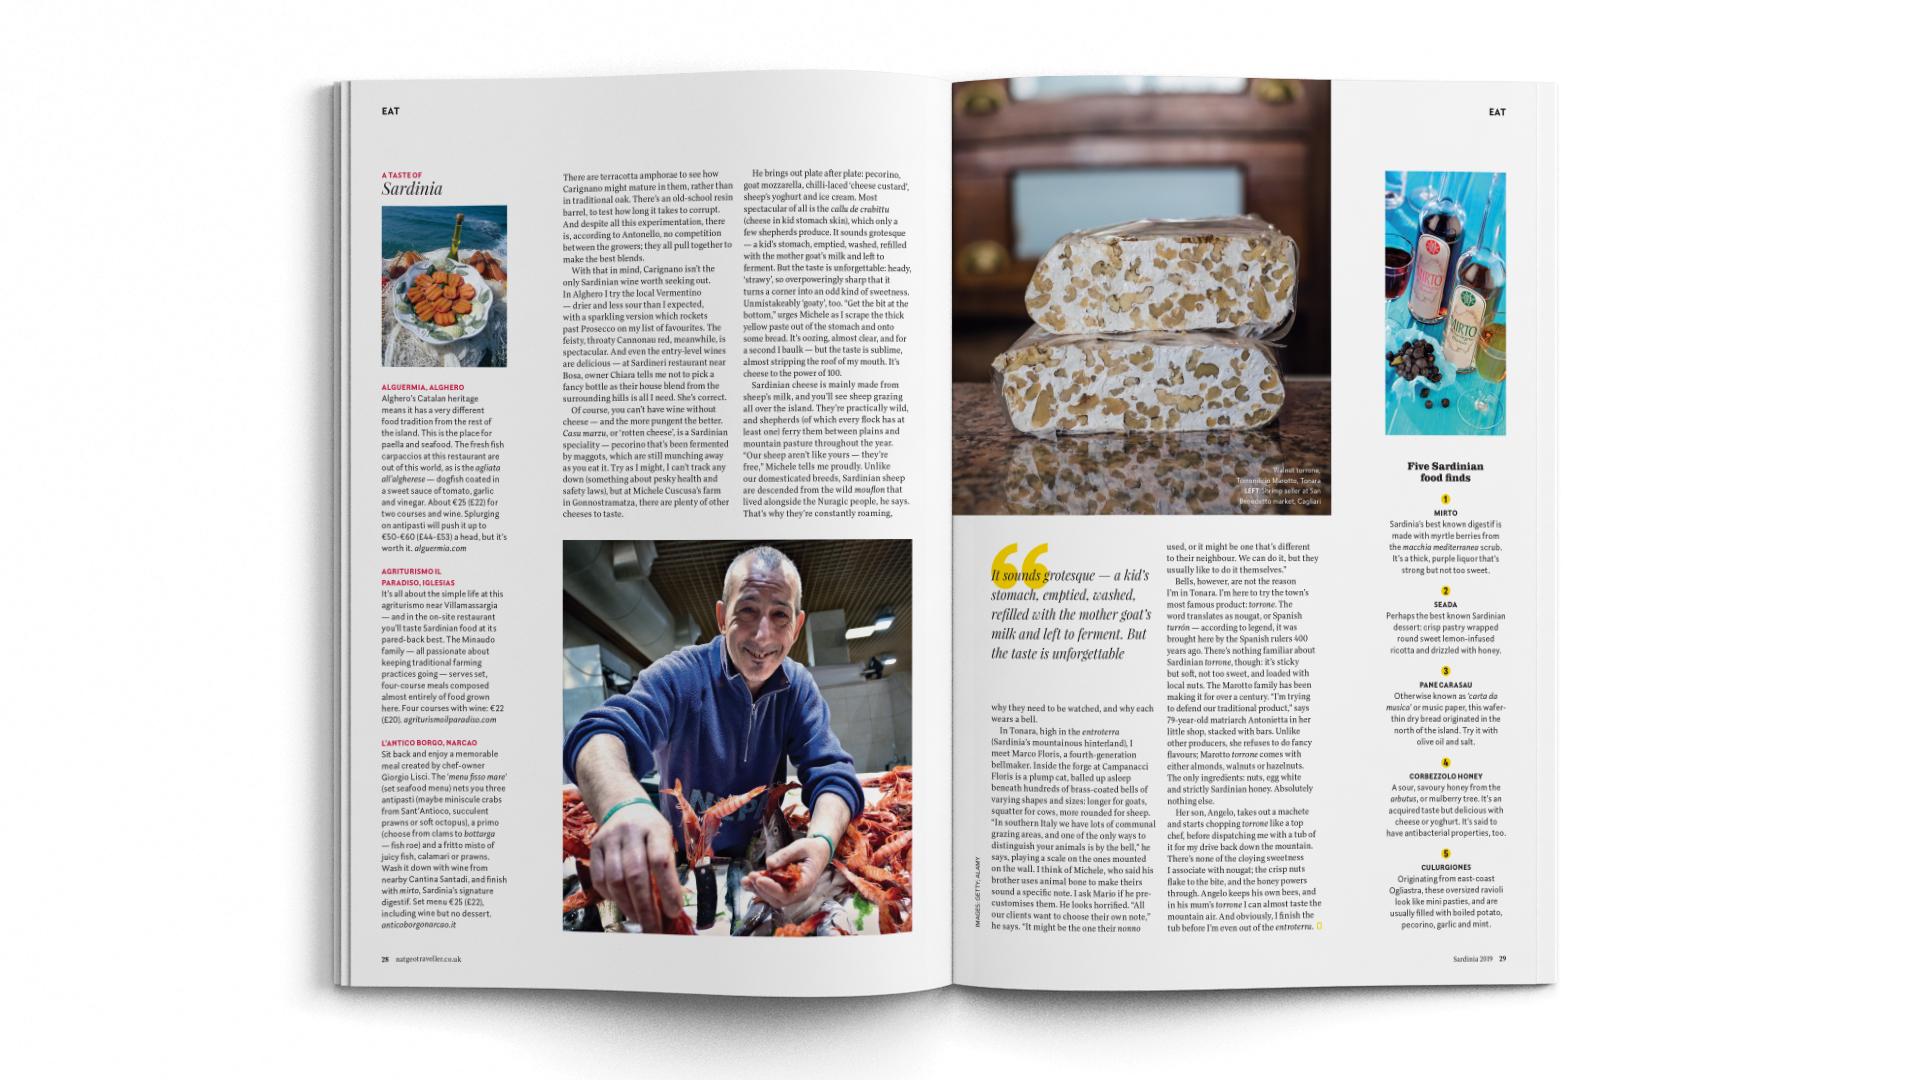 A4-Magazine-DPS-NGT-SARDINIA-Eat-1